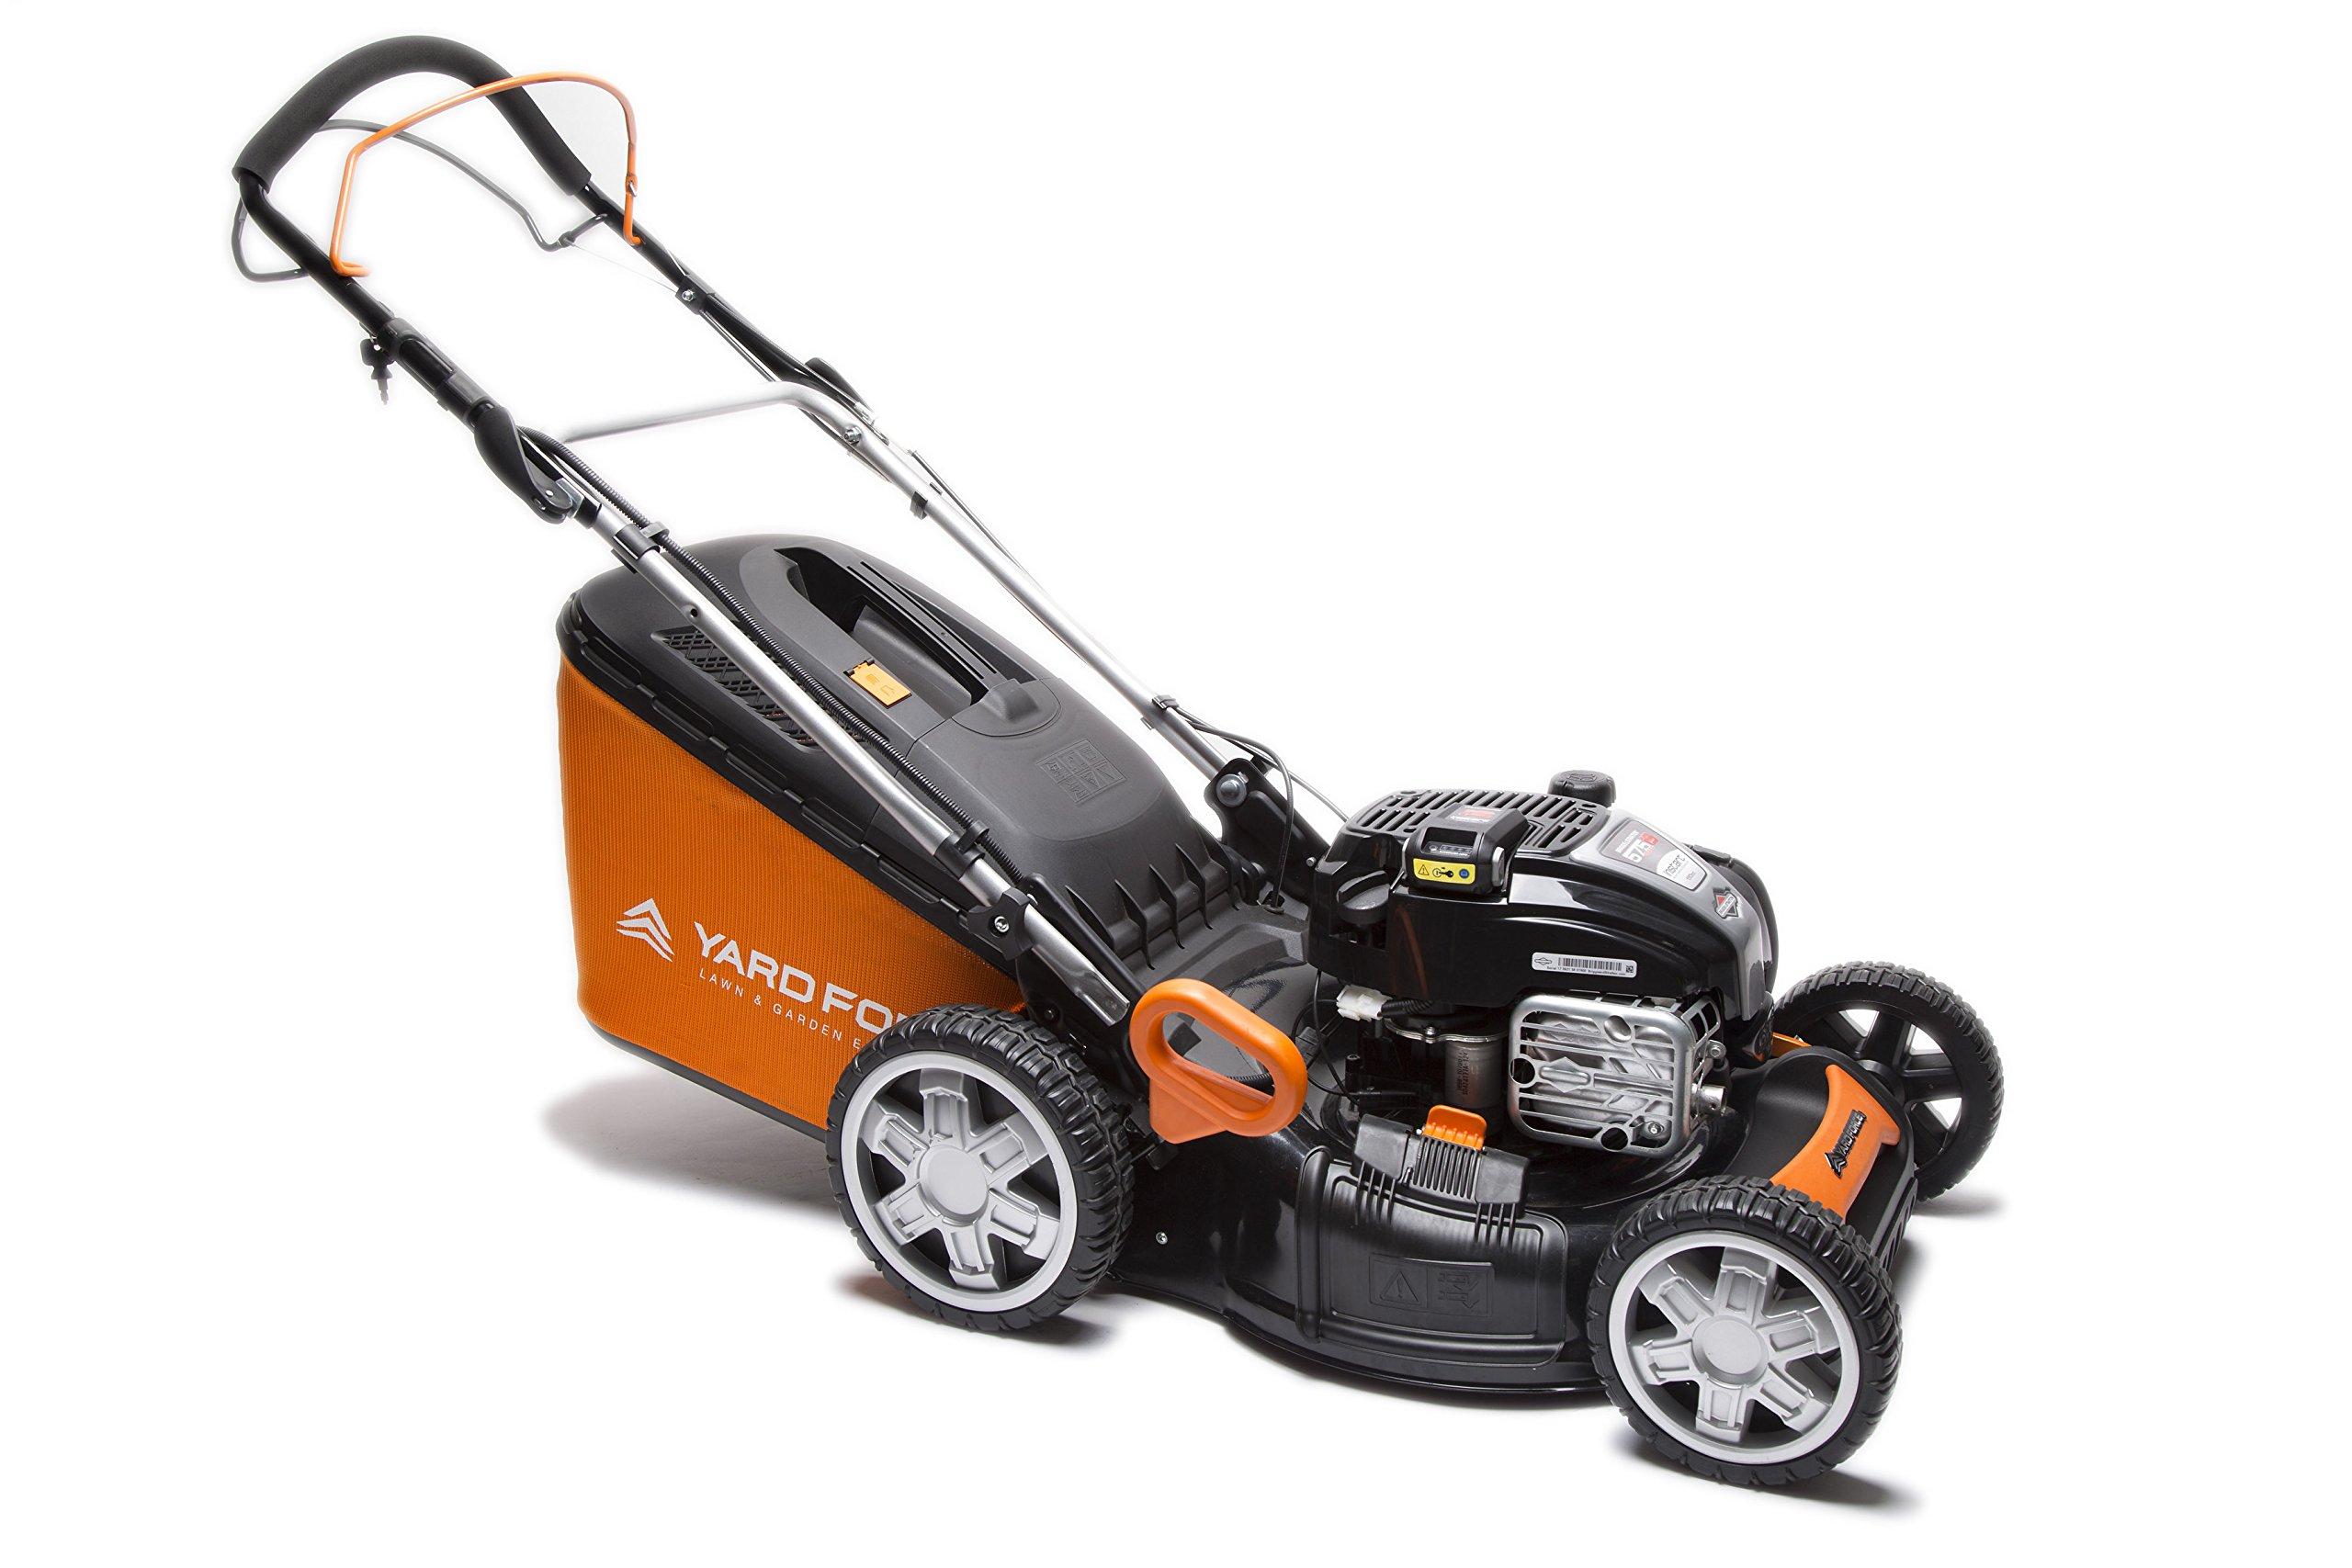 YardForce-GM-B46B-Benzin-Rasenmher–Leistungsstarker-zuverlssiger-4-in-1-Rasenmher-mit-Briggs-Stratton-Motor-Selbstantrieb-46cm-Schnittbreite-fr-bis-zu-1800m-Rasen